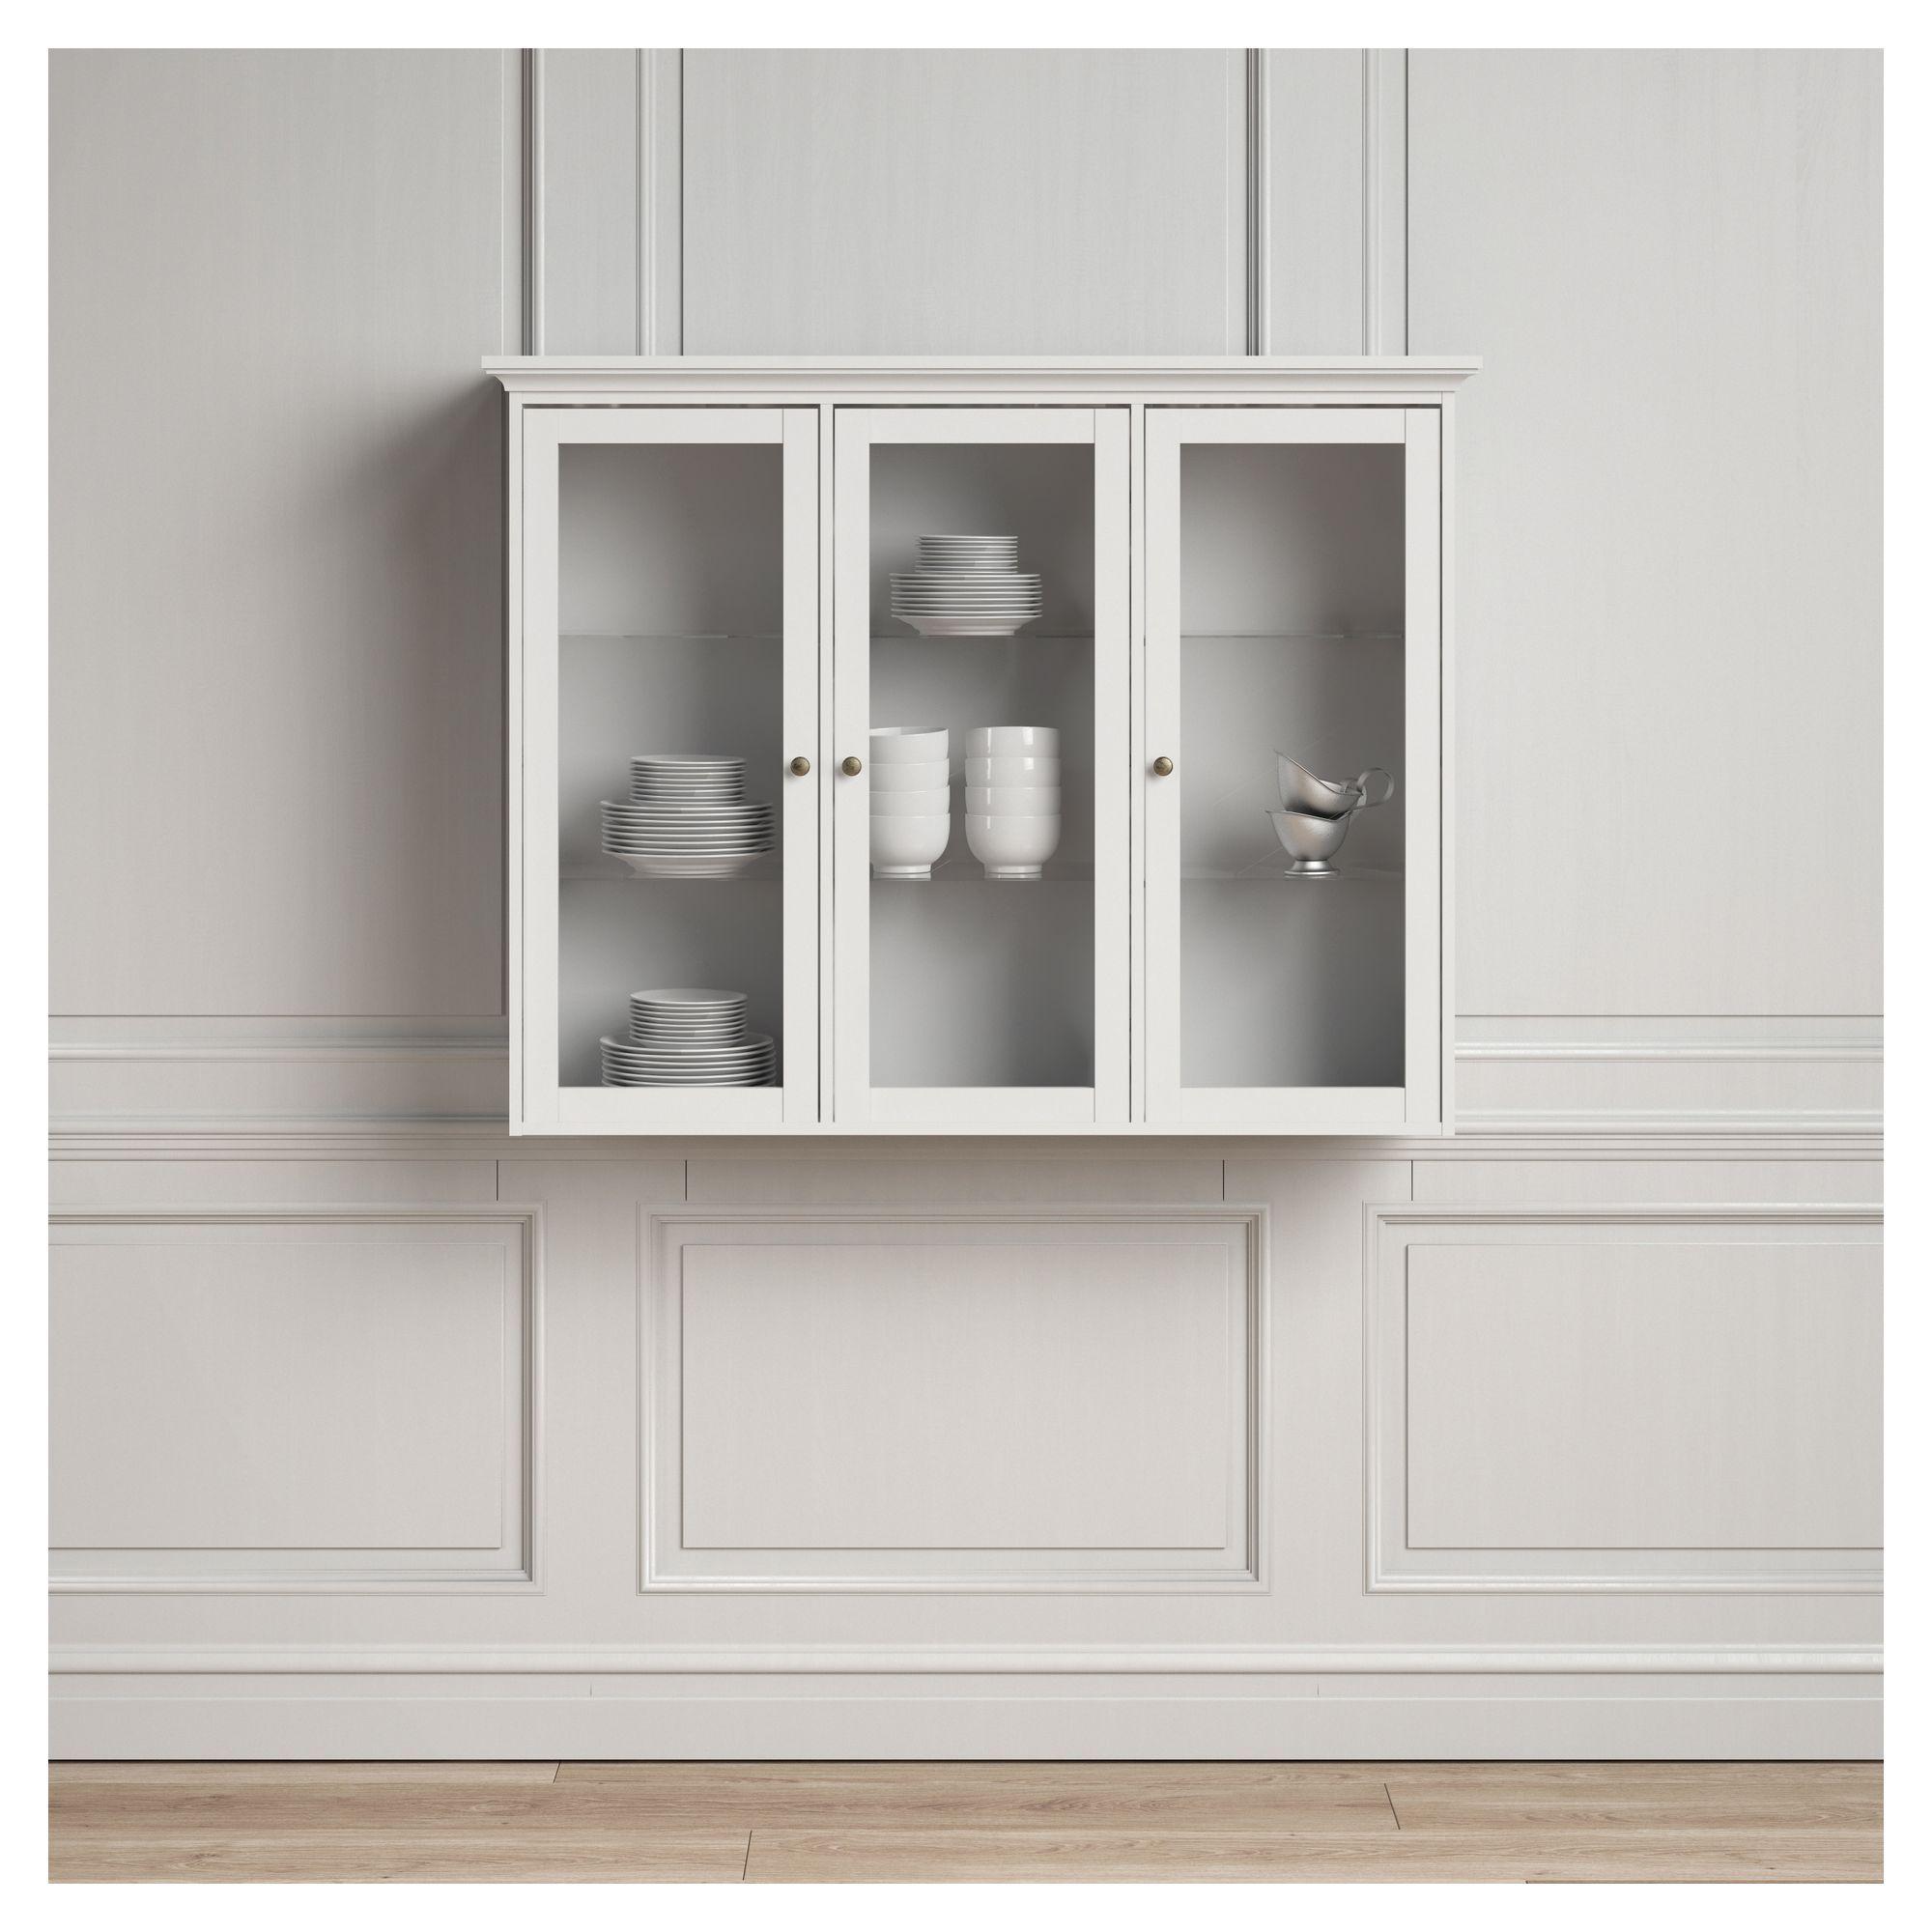 Paris Vægvitrine - Hvid B:143 - Hængemodul med glas låger i hvid